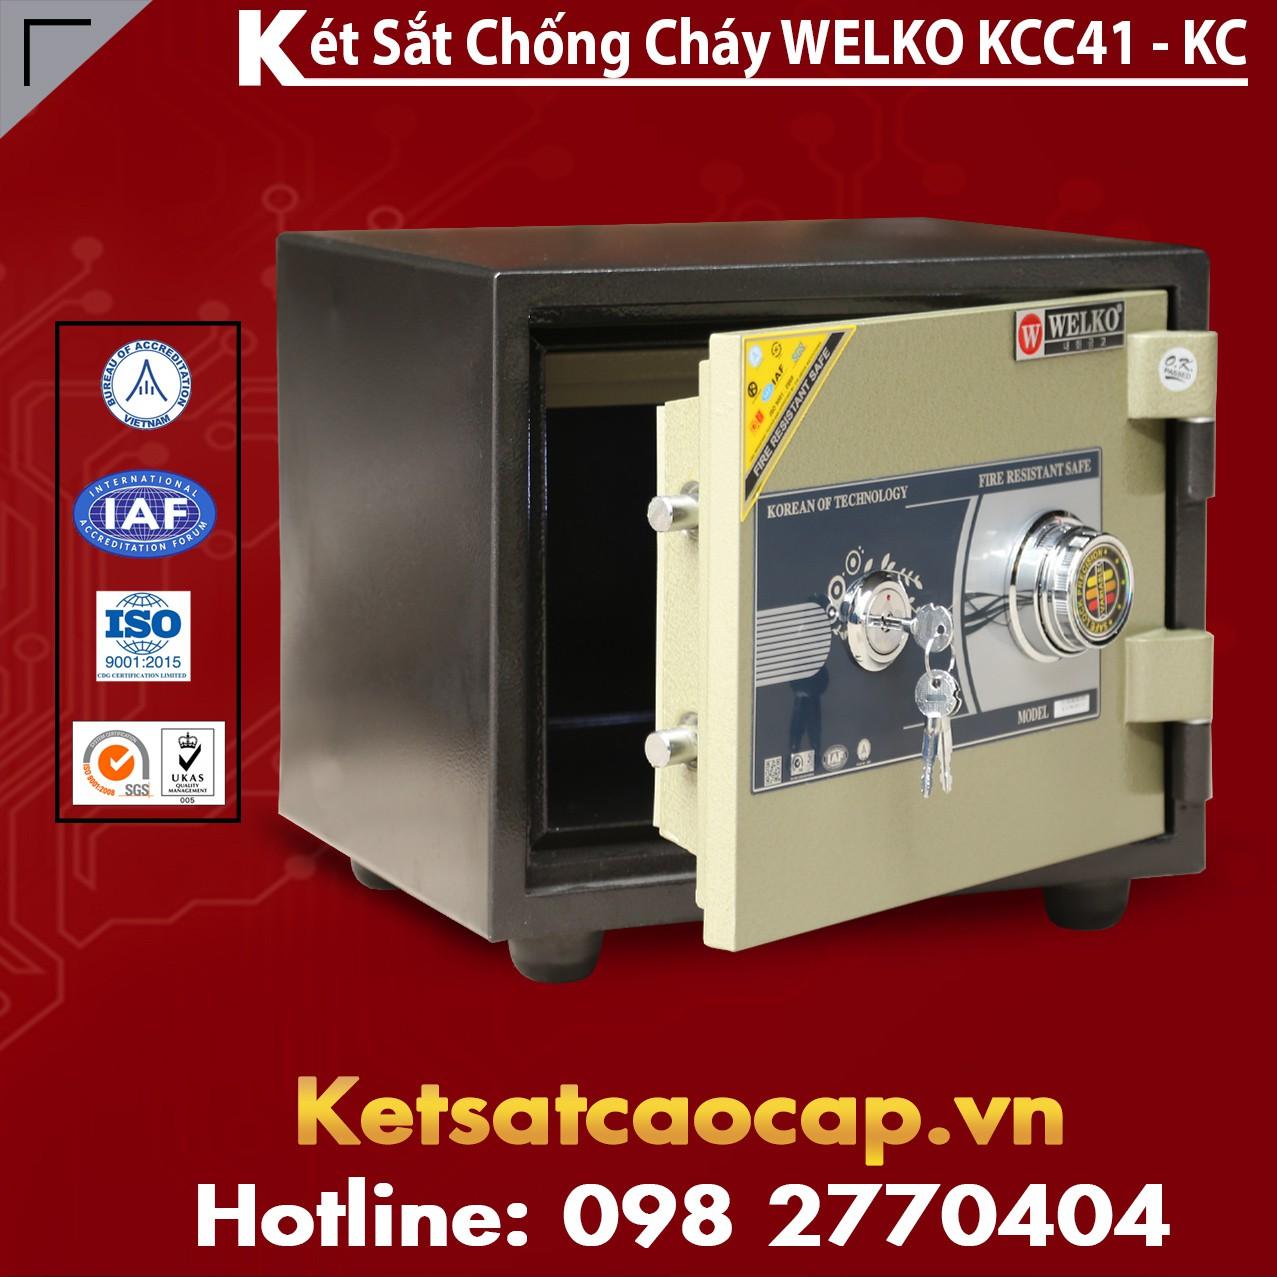 Két Sắt Chống Cháy KCC41 - KC